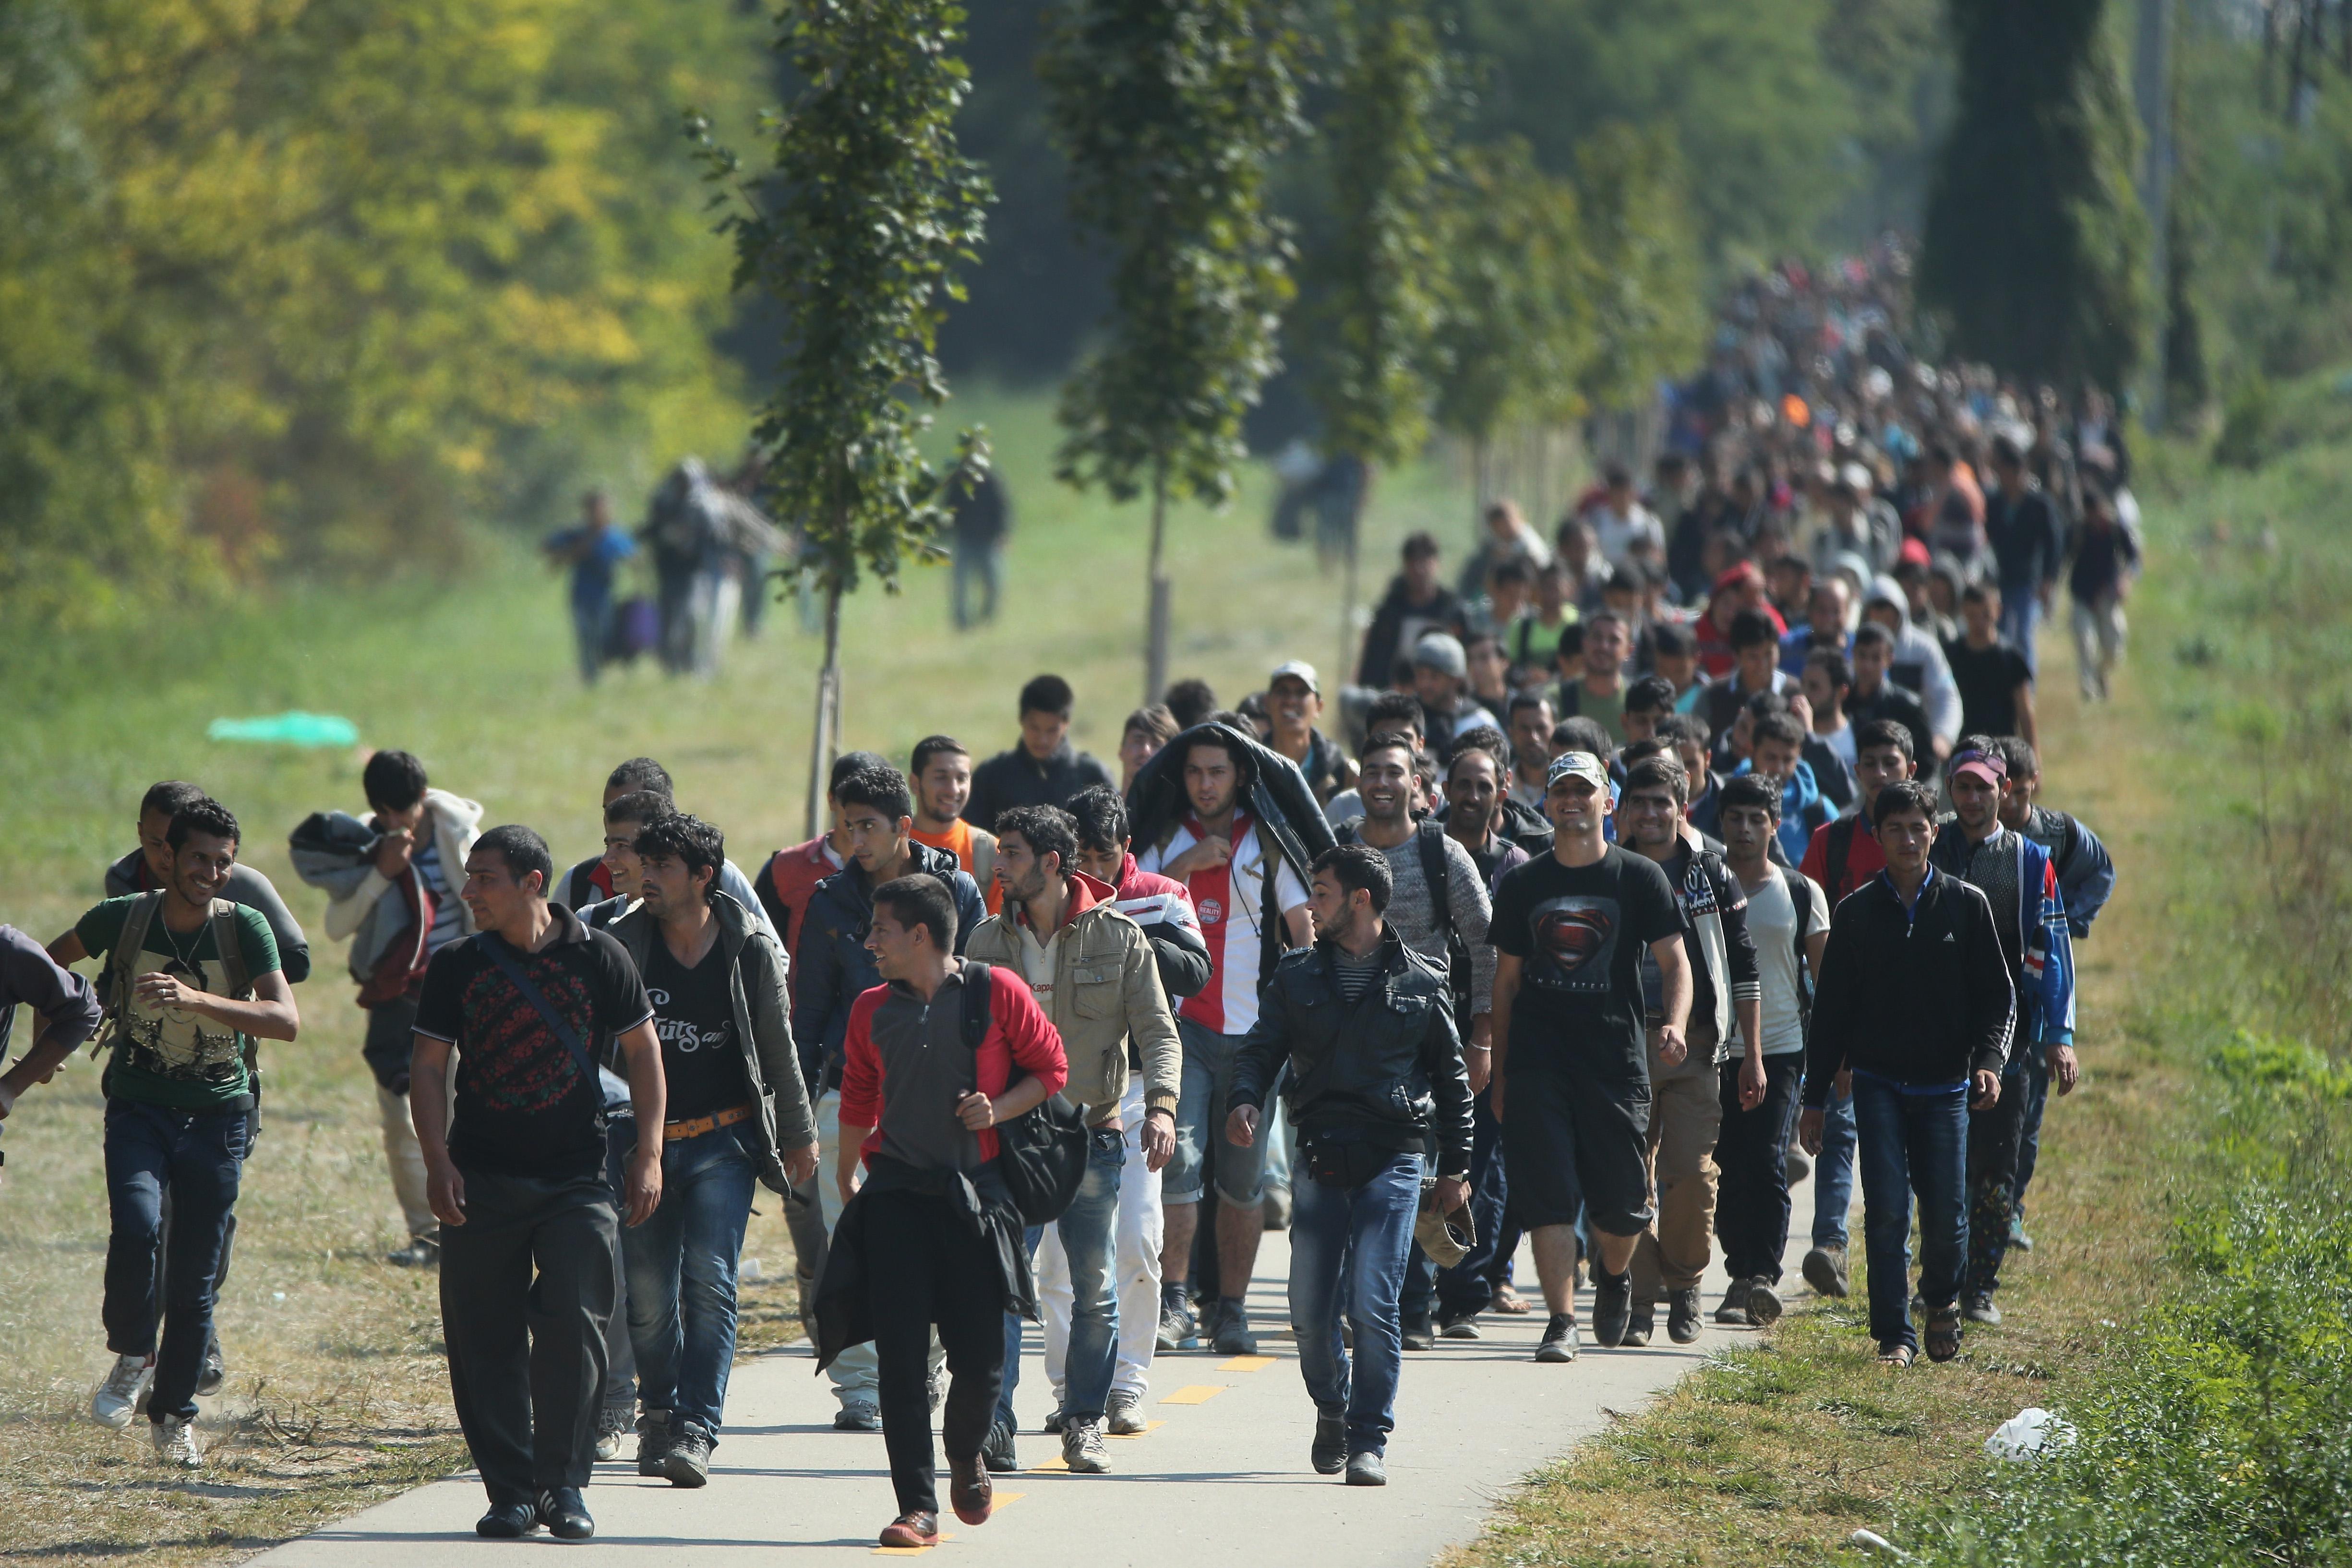 Österreichs Regierung wurde bereits 2014 vor Asylkrise gewarnt